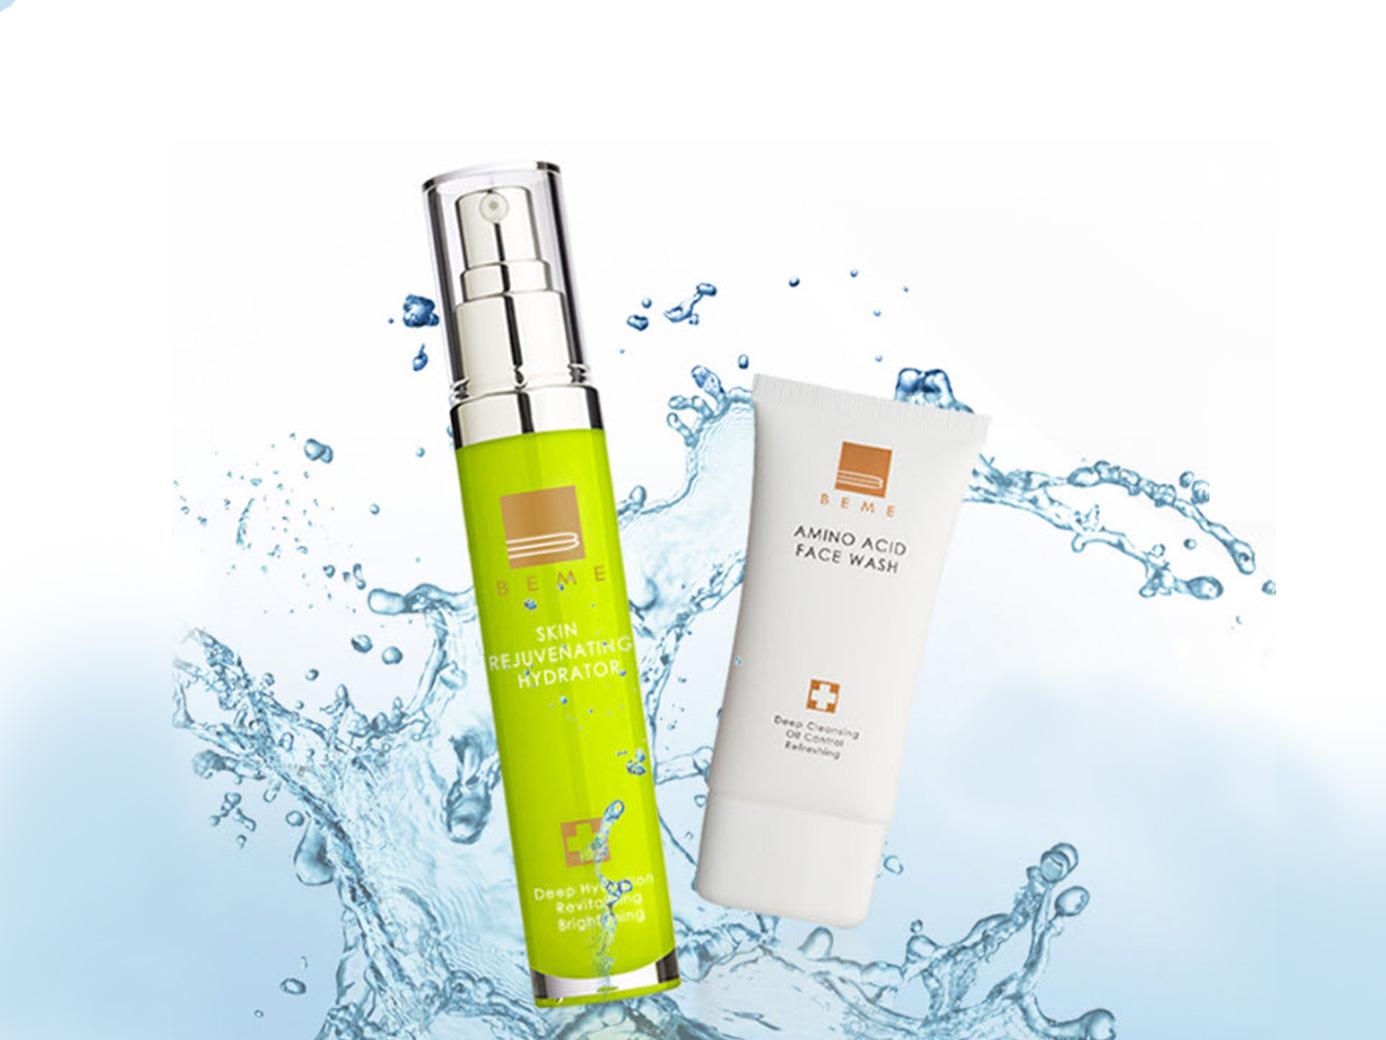 BEME水潤肌雙重奏-水蓮花胺基酸保濕潔面乳+水蓮花前導水精華,讓美變得更容易